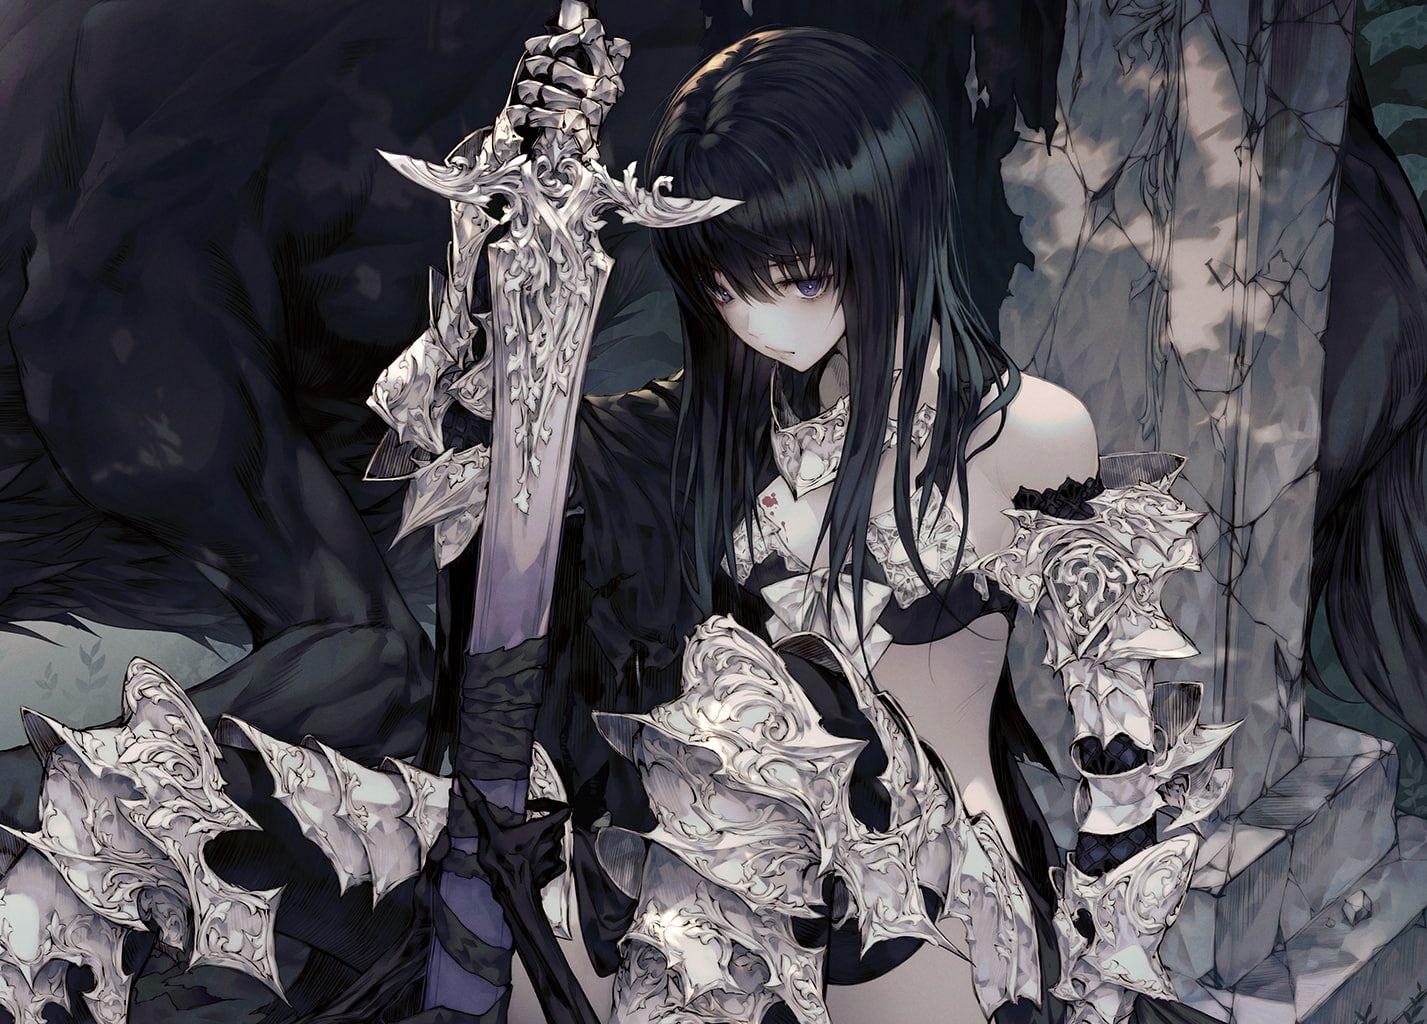 anime anime girls #sword dark hair fantasy girl #10P #wallpaper